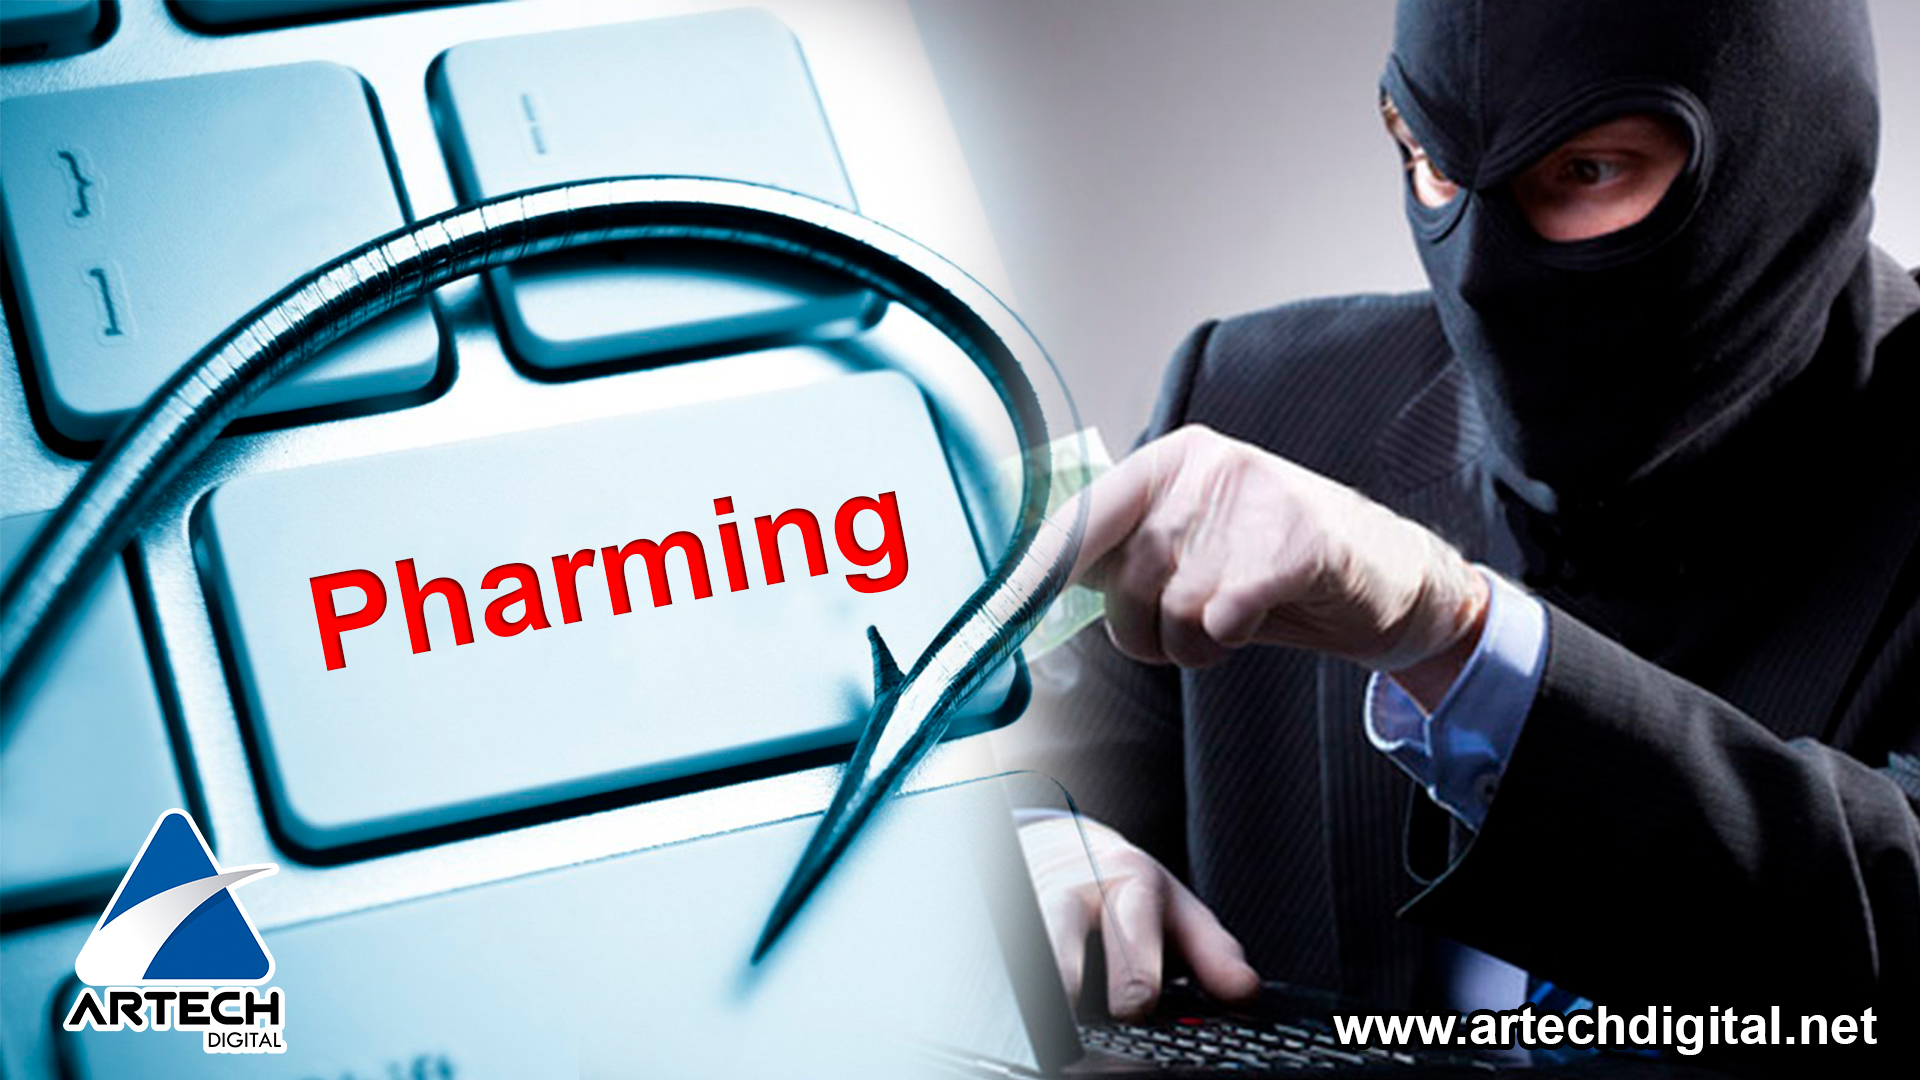 Pharming genera fraudes informáticos a gran escala